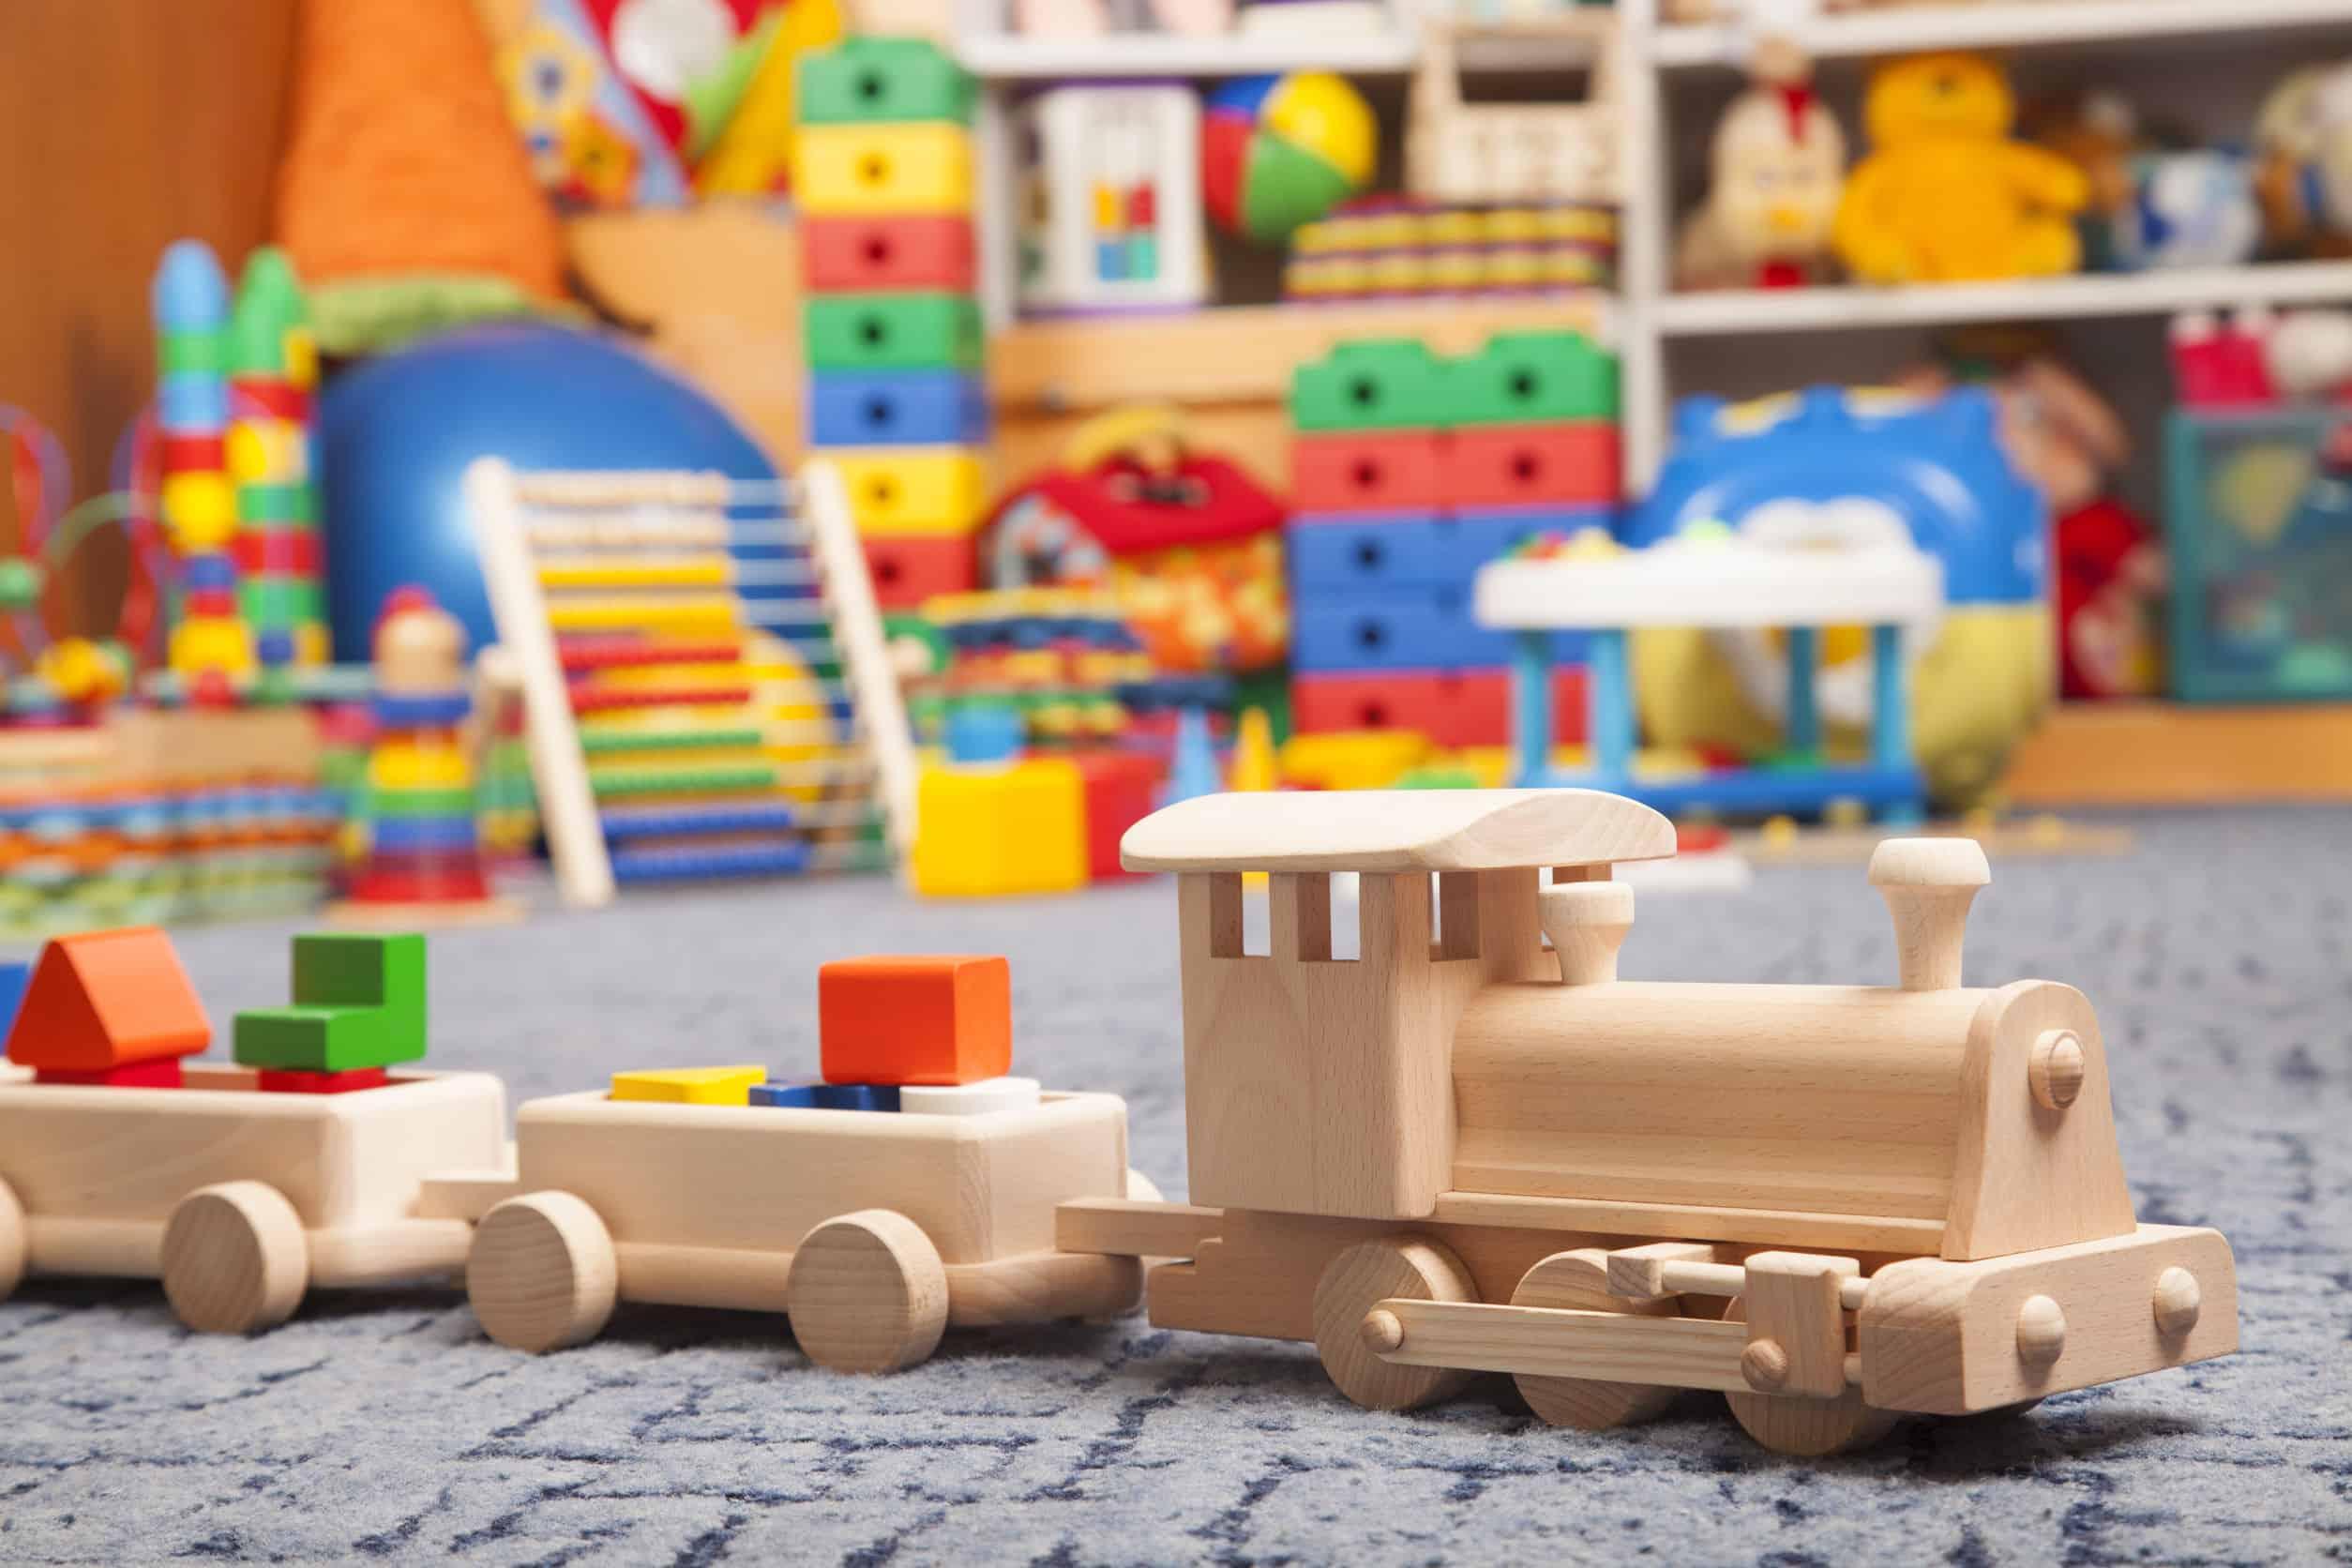 Na foto um trenzinho de madeira com diversos brinquedos de madeira ao fundo.